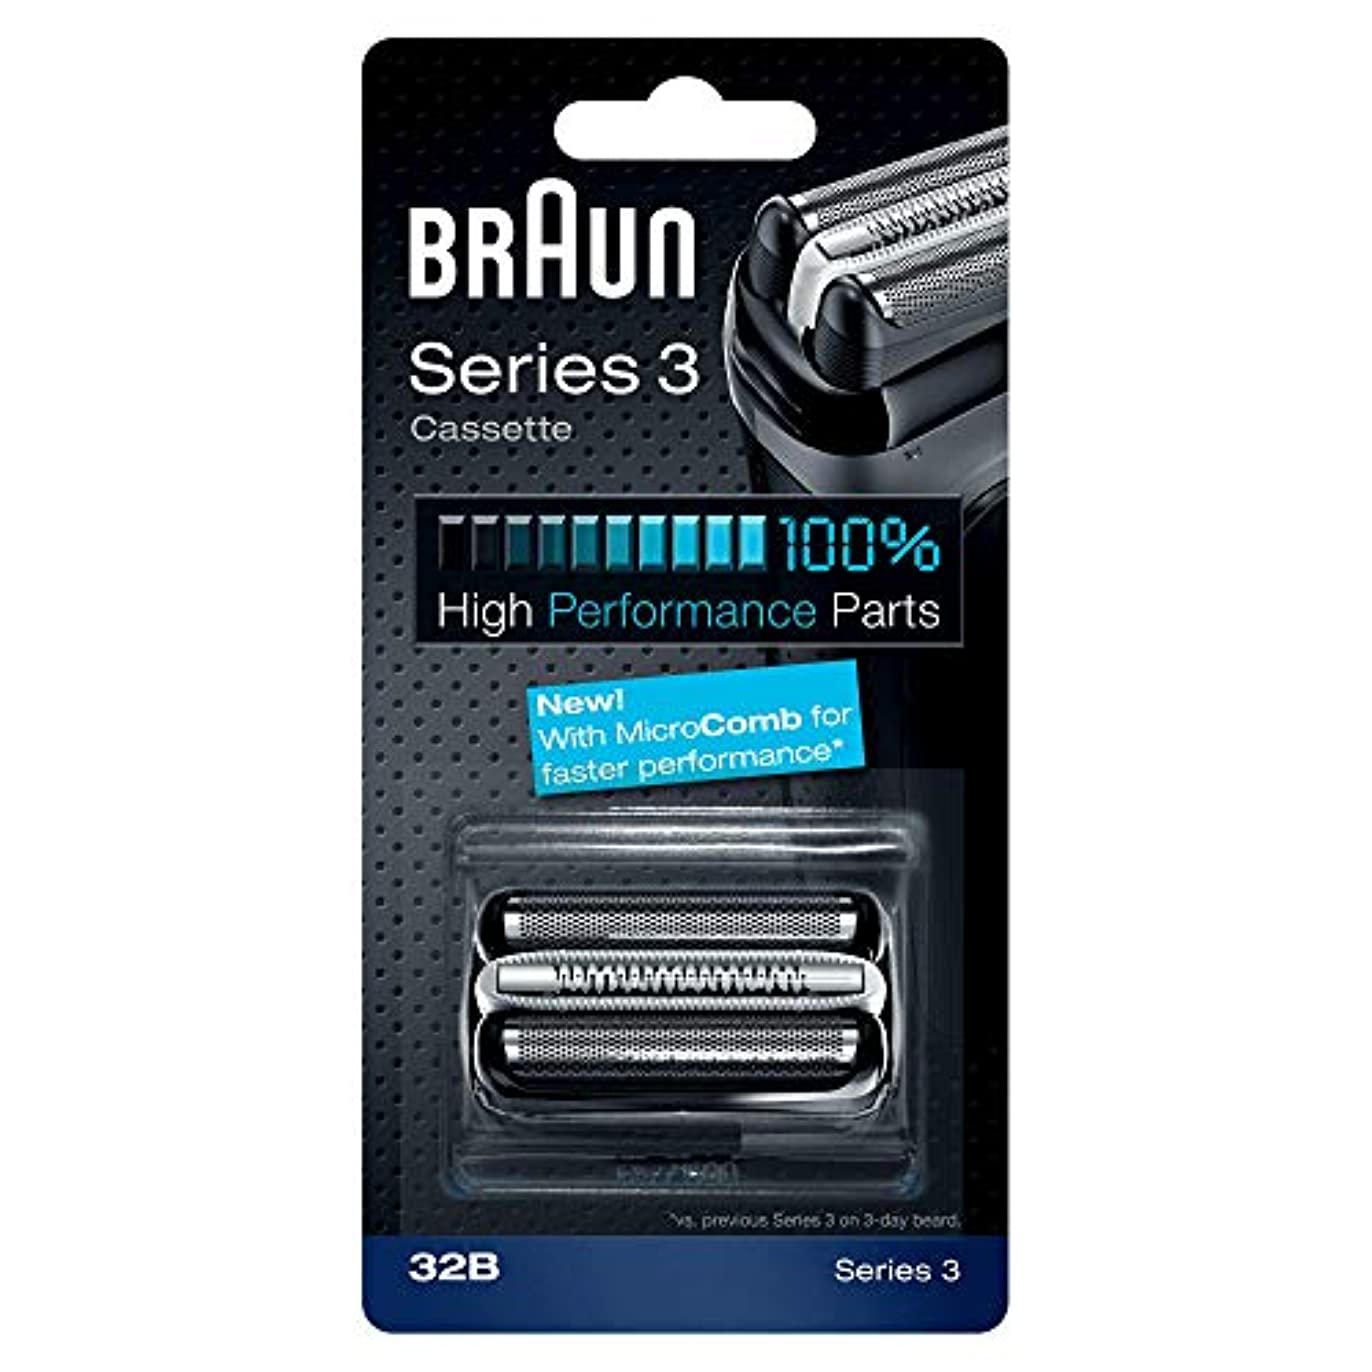 亜熱帯権威触覚BRAUN 32B Series 3 Shaver Cassette MicroComb交換ヘッドをフォイルカッター& [並行輸入品]